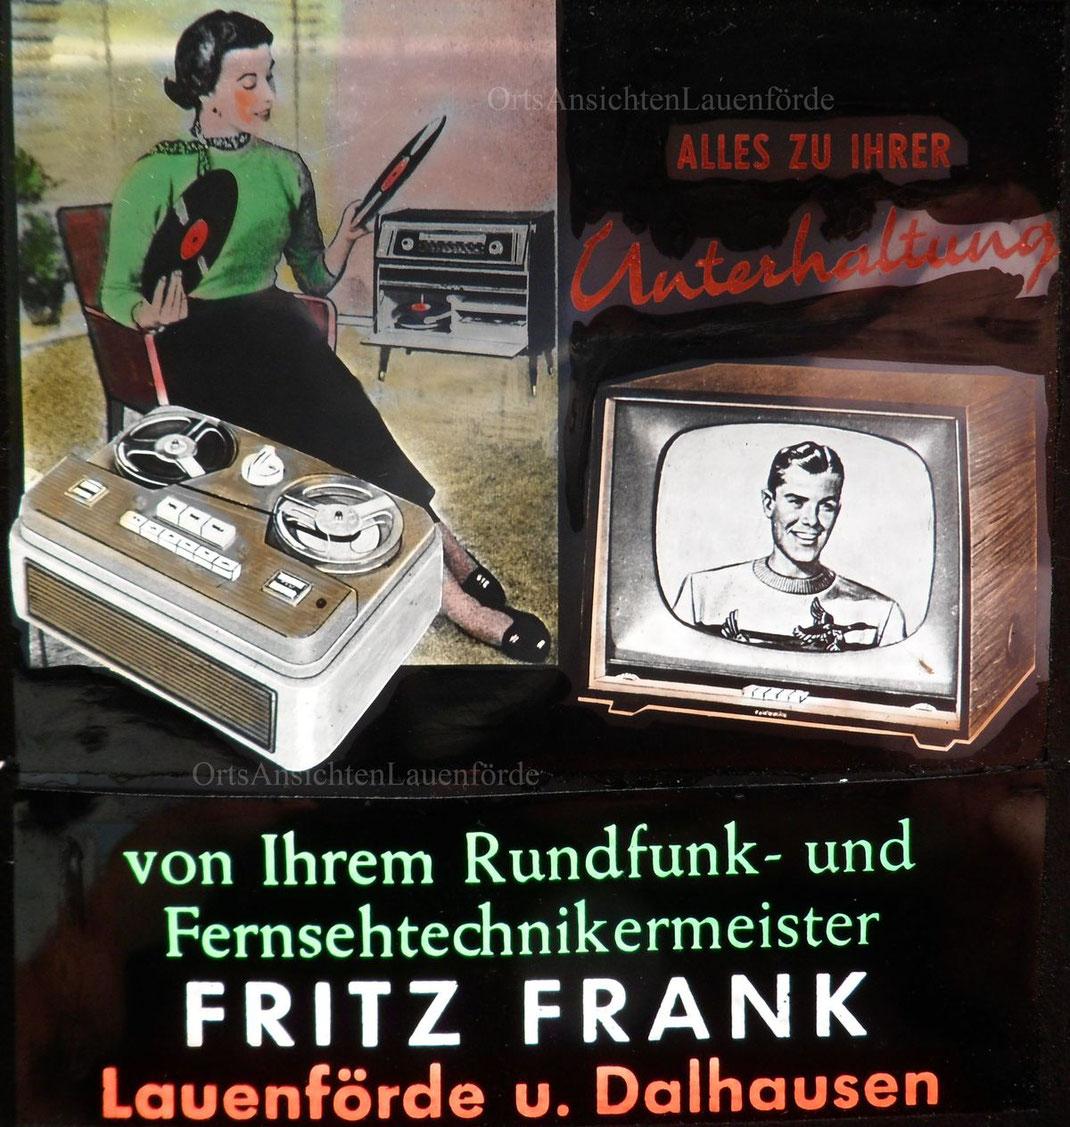 DIA der Kinowerbung von Fernseh Frank. Diese Werbung wurde immer vor dem Film gezeigt. Anfang der 70er.